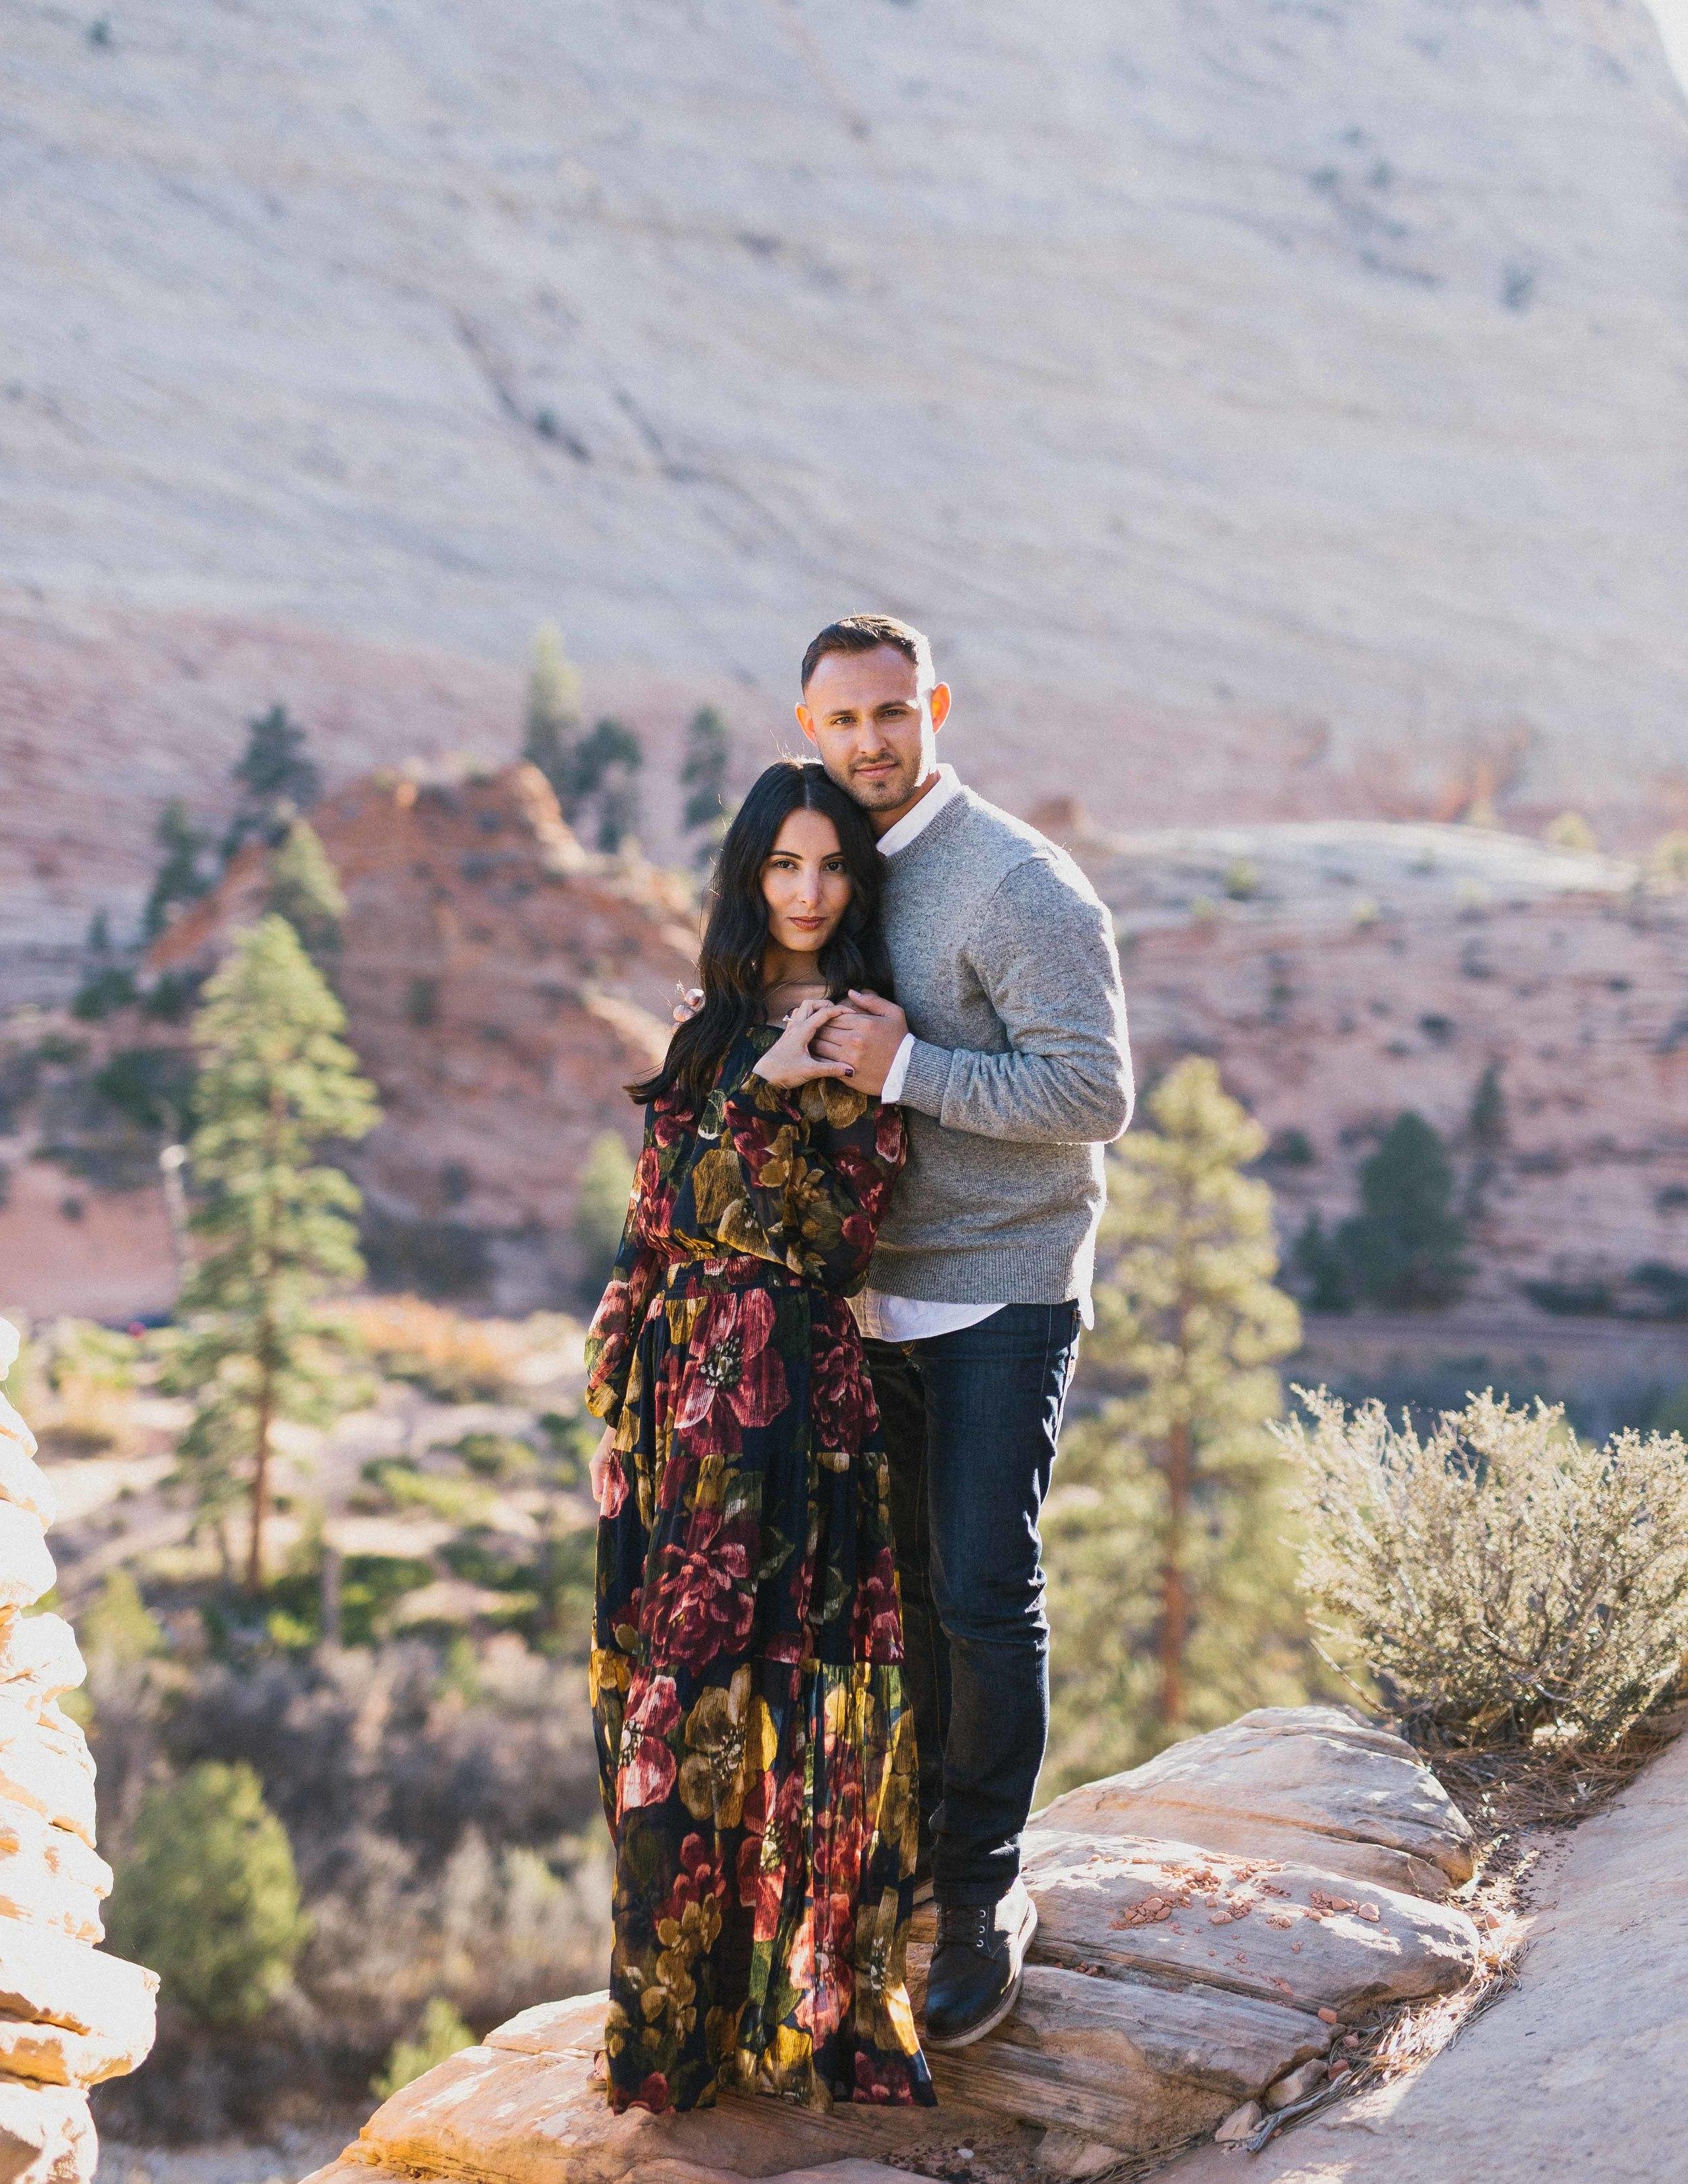 Zion-Utah-Engagement-Photographer-6.jpg